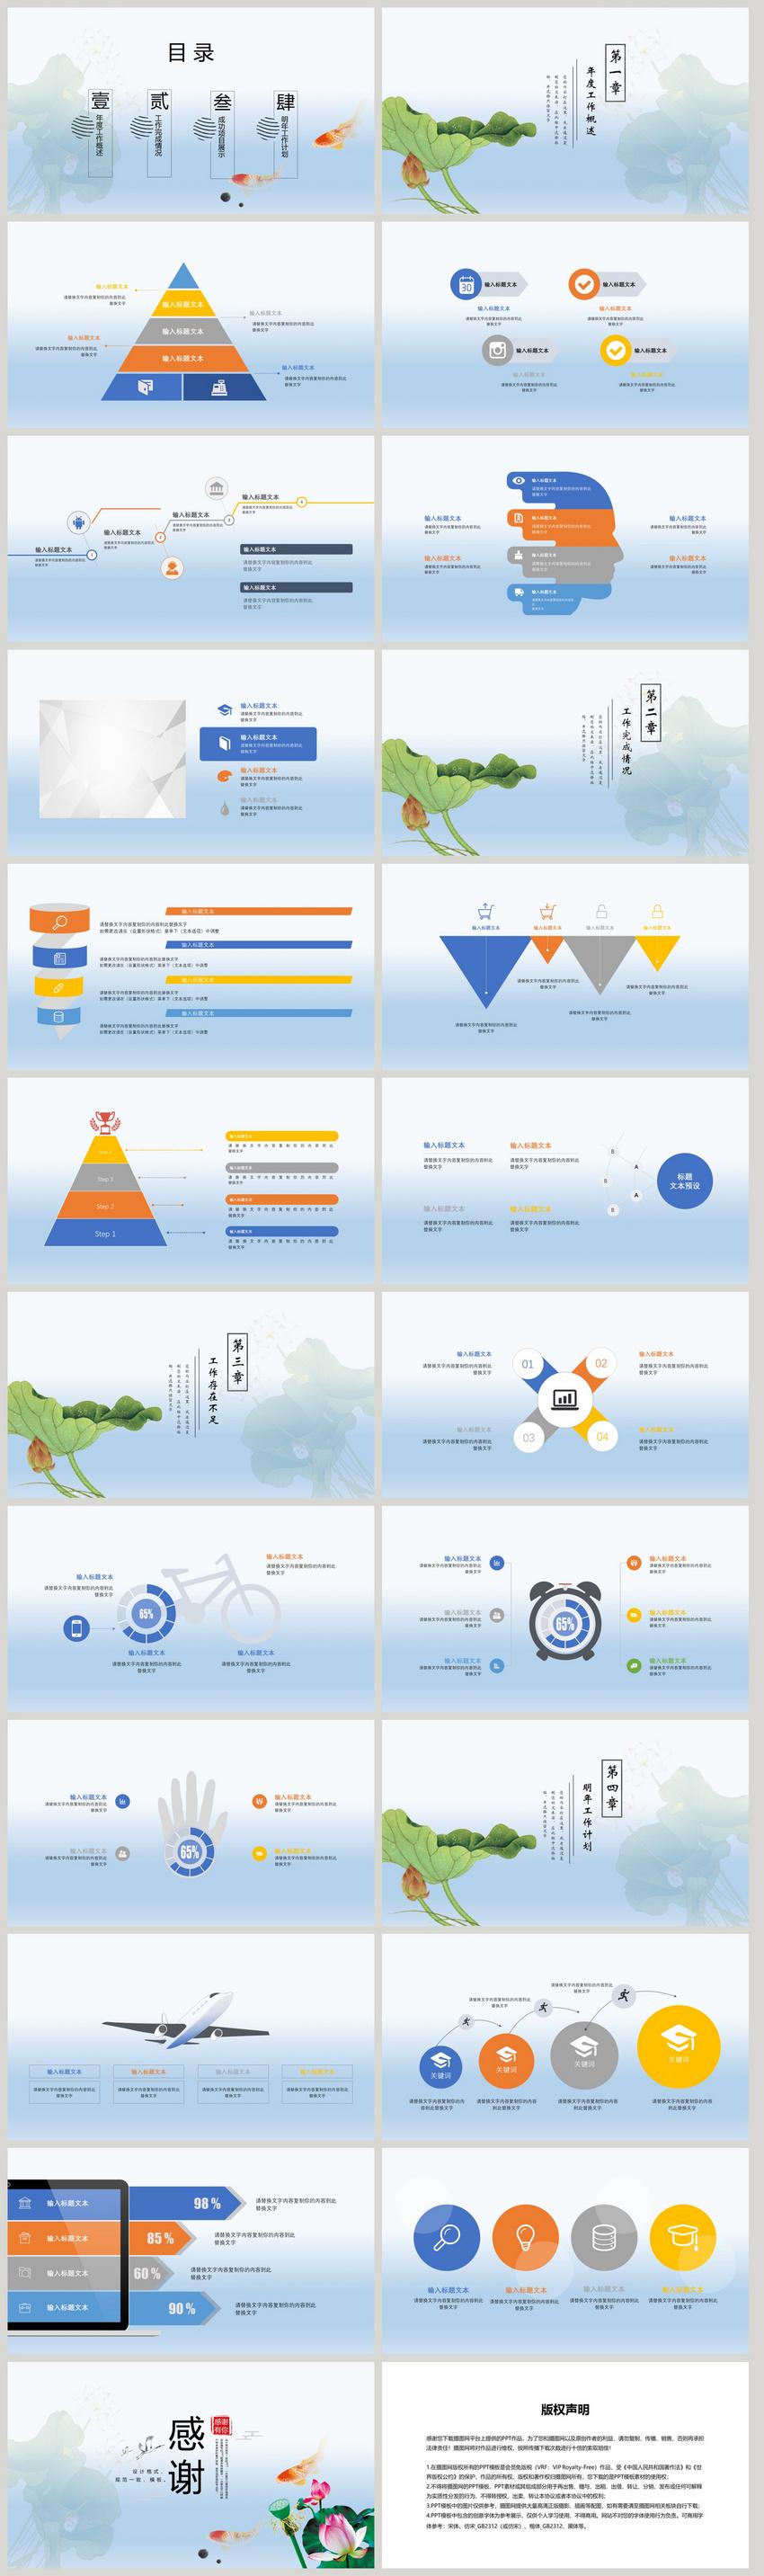 Fresh illustration wind business general ppt template powerpoint fresh illustration wind business general ppt template flashek Image collections